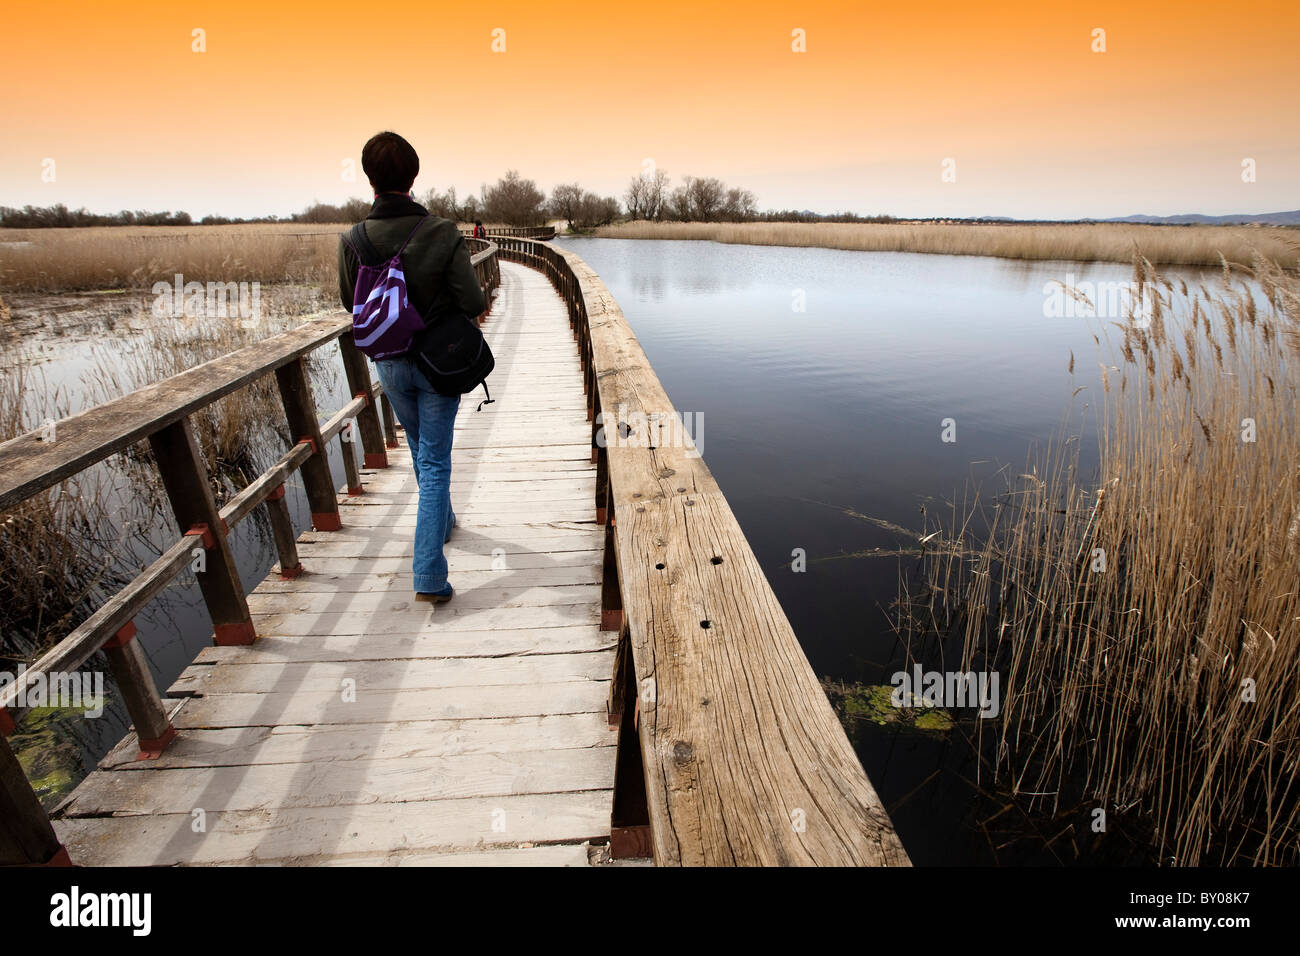 Parque Nacional de Las Tablas de Daimiel Ciudad Real Castilla la Mancha España National Park Spain - Stock Image